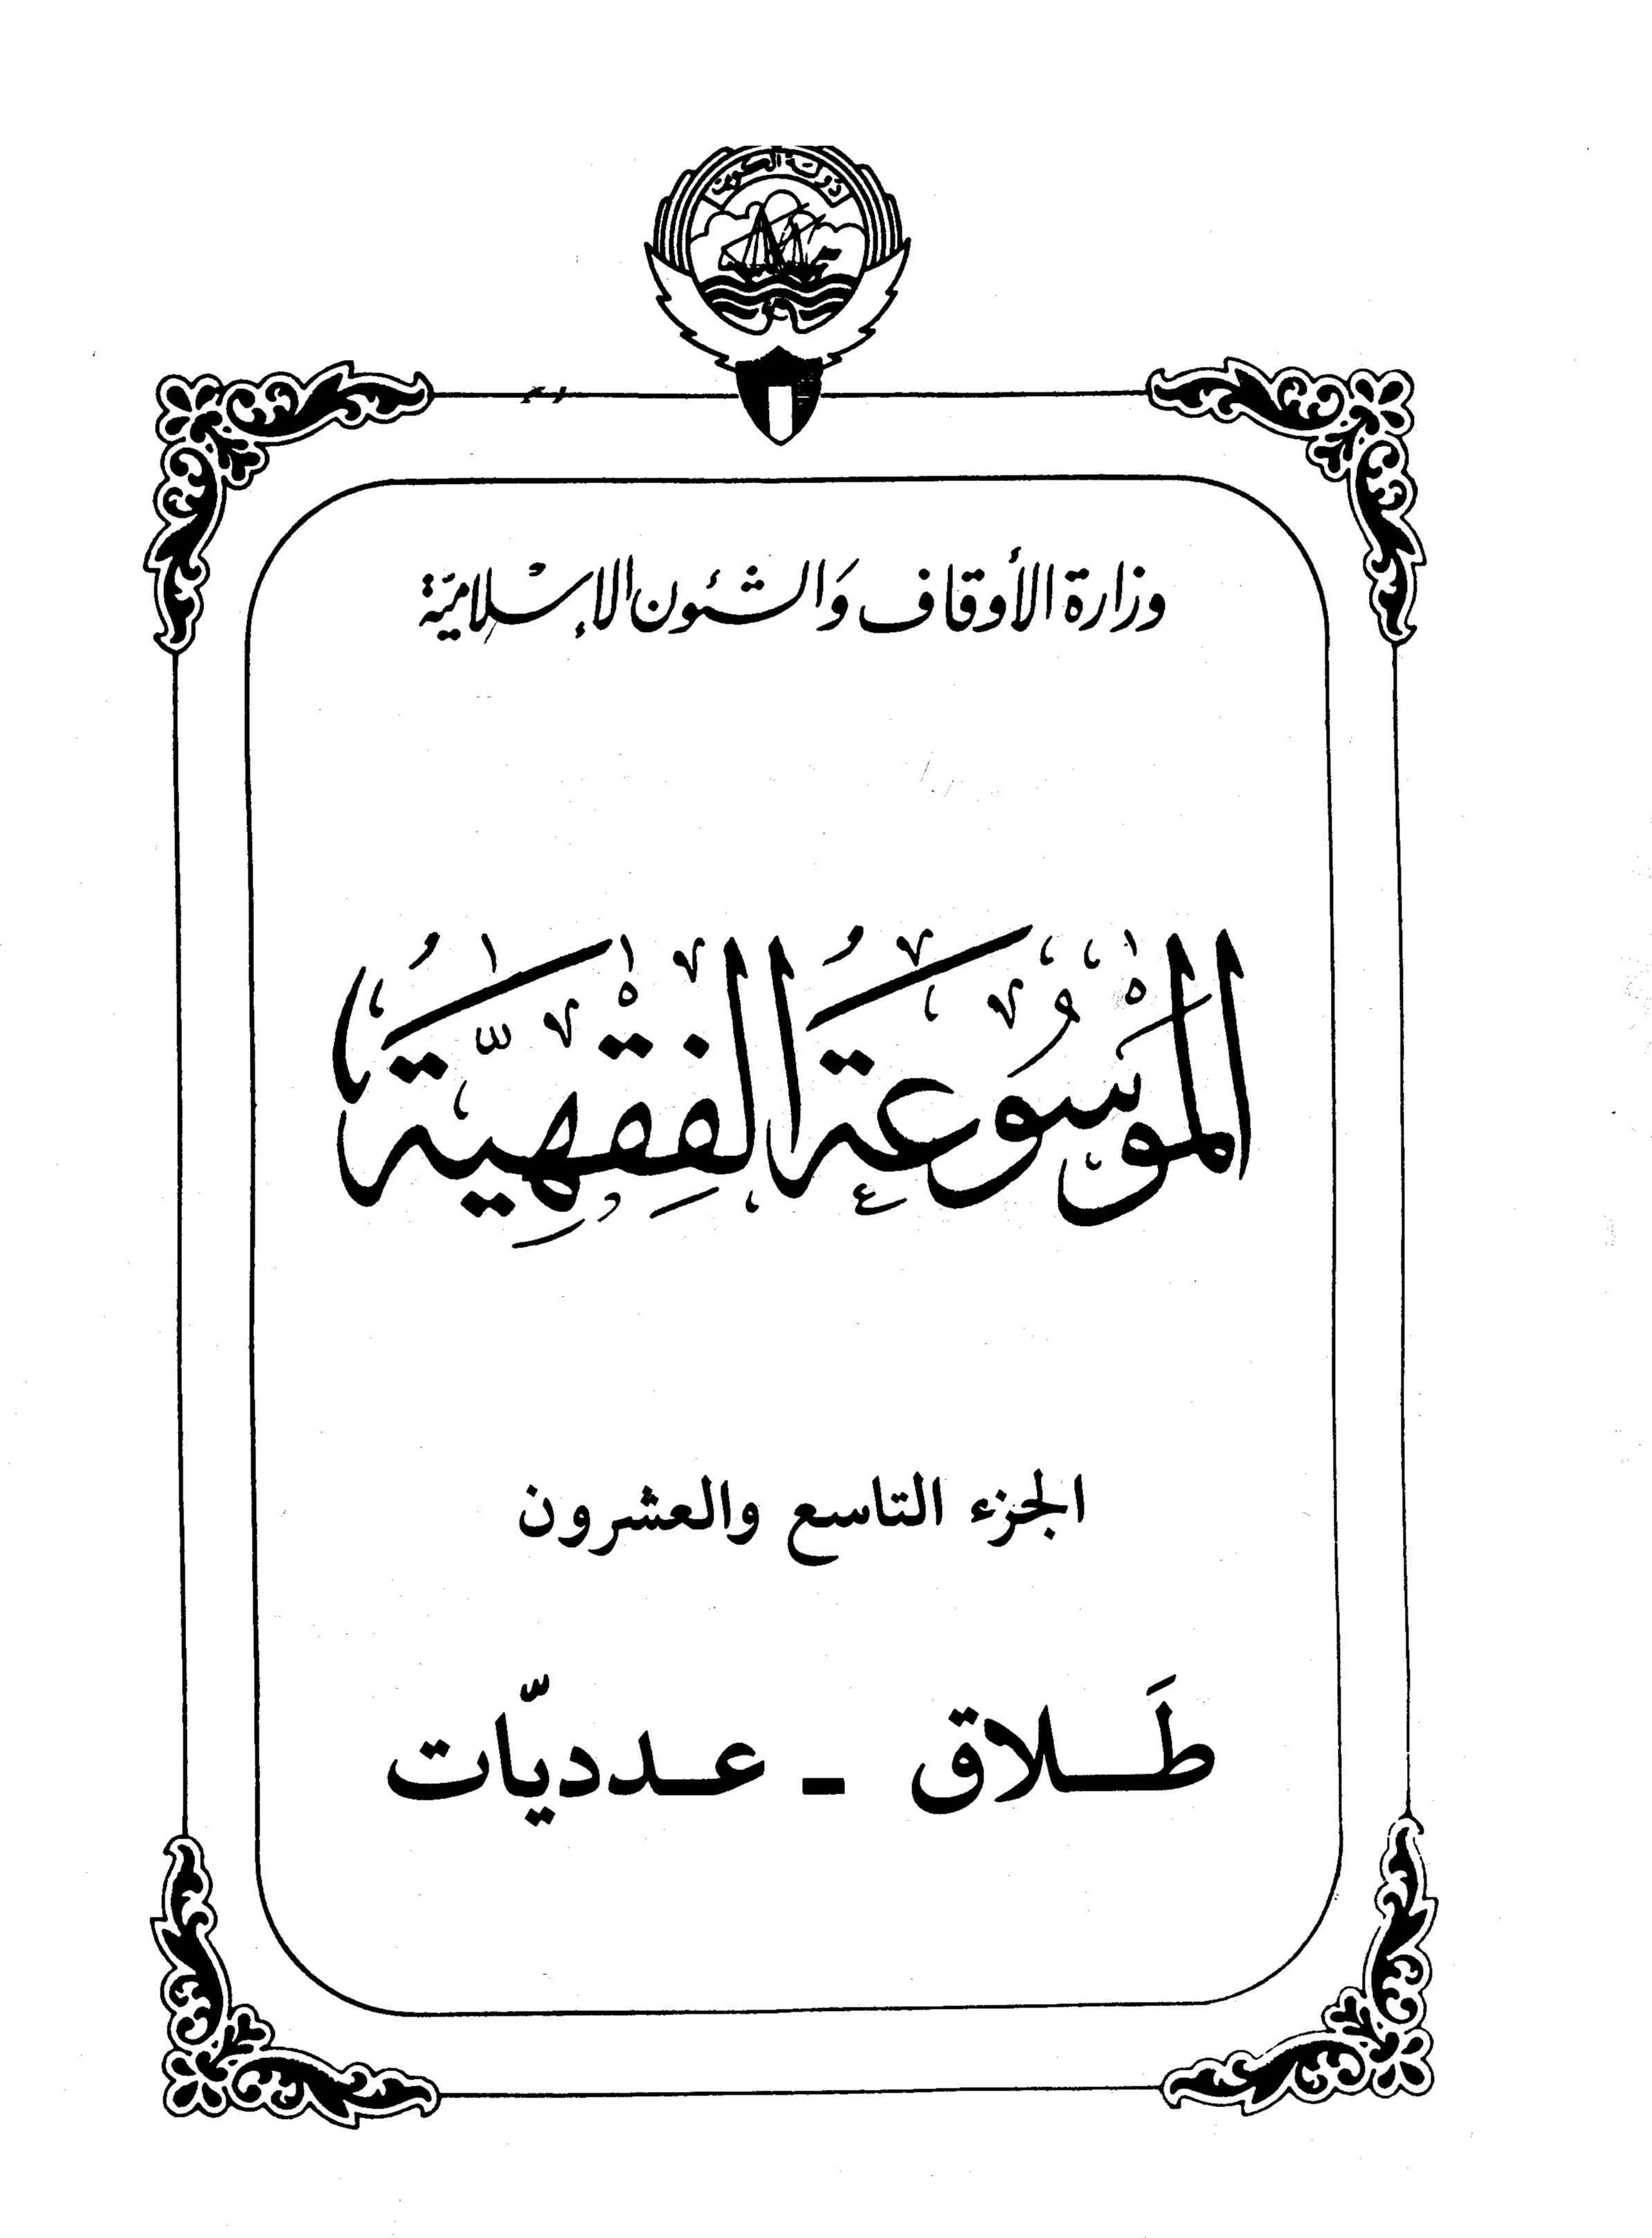 الموسوعة الفقهية الكويتية- الجزء التاسع والعشرون (طلاق - عدديات)